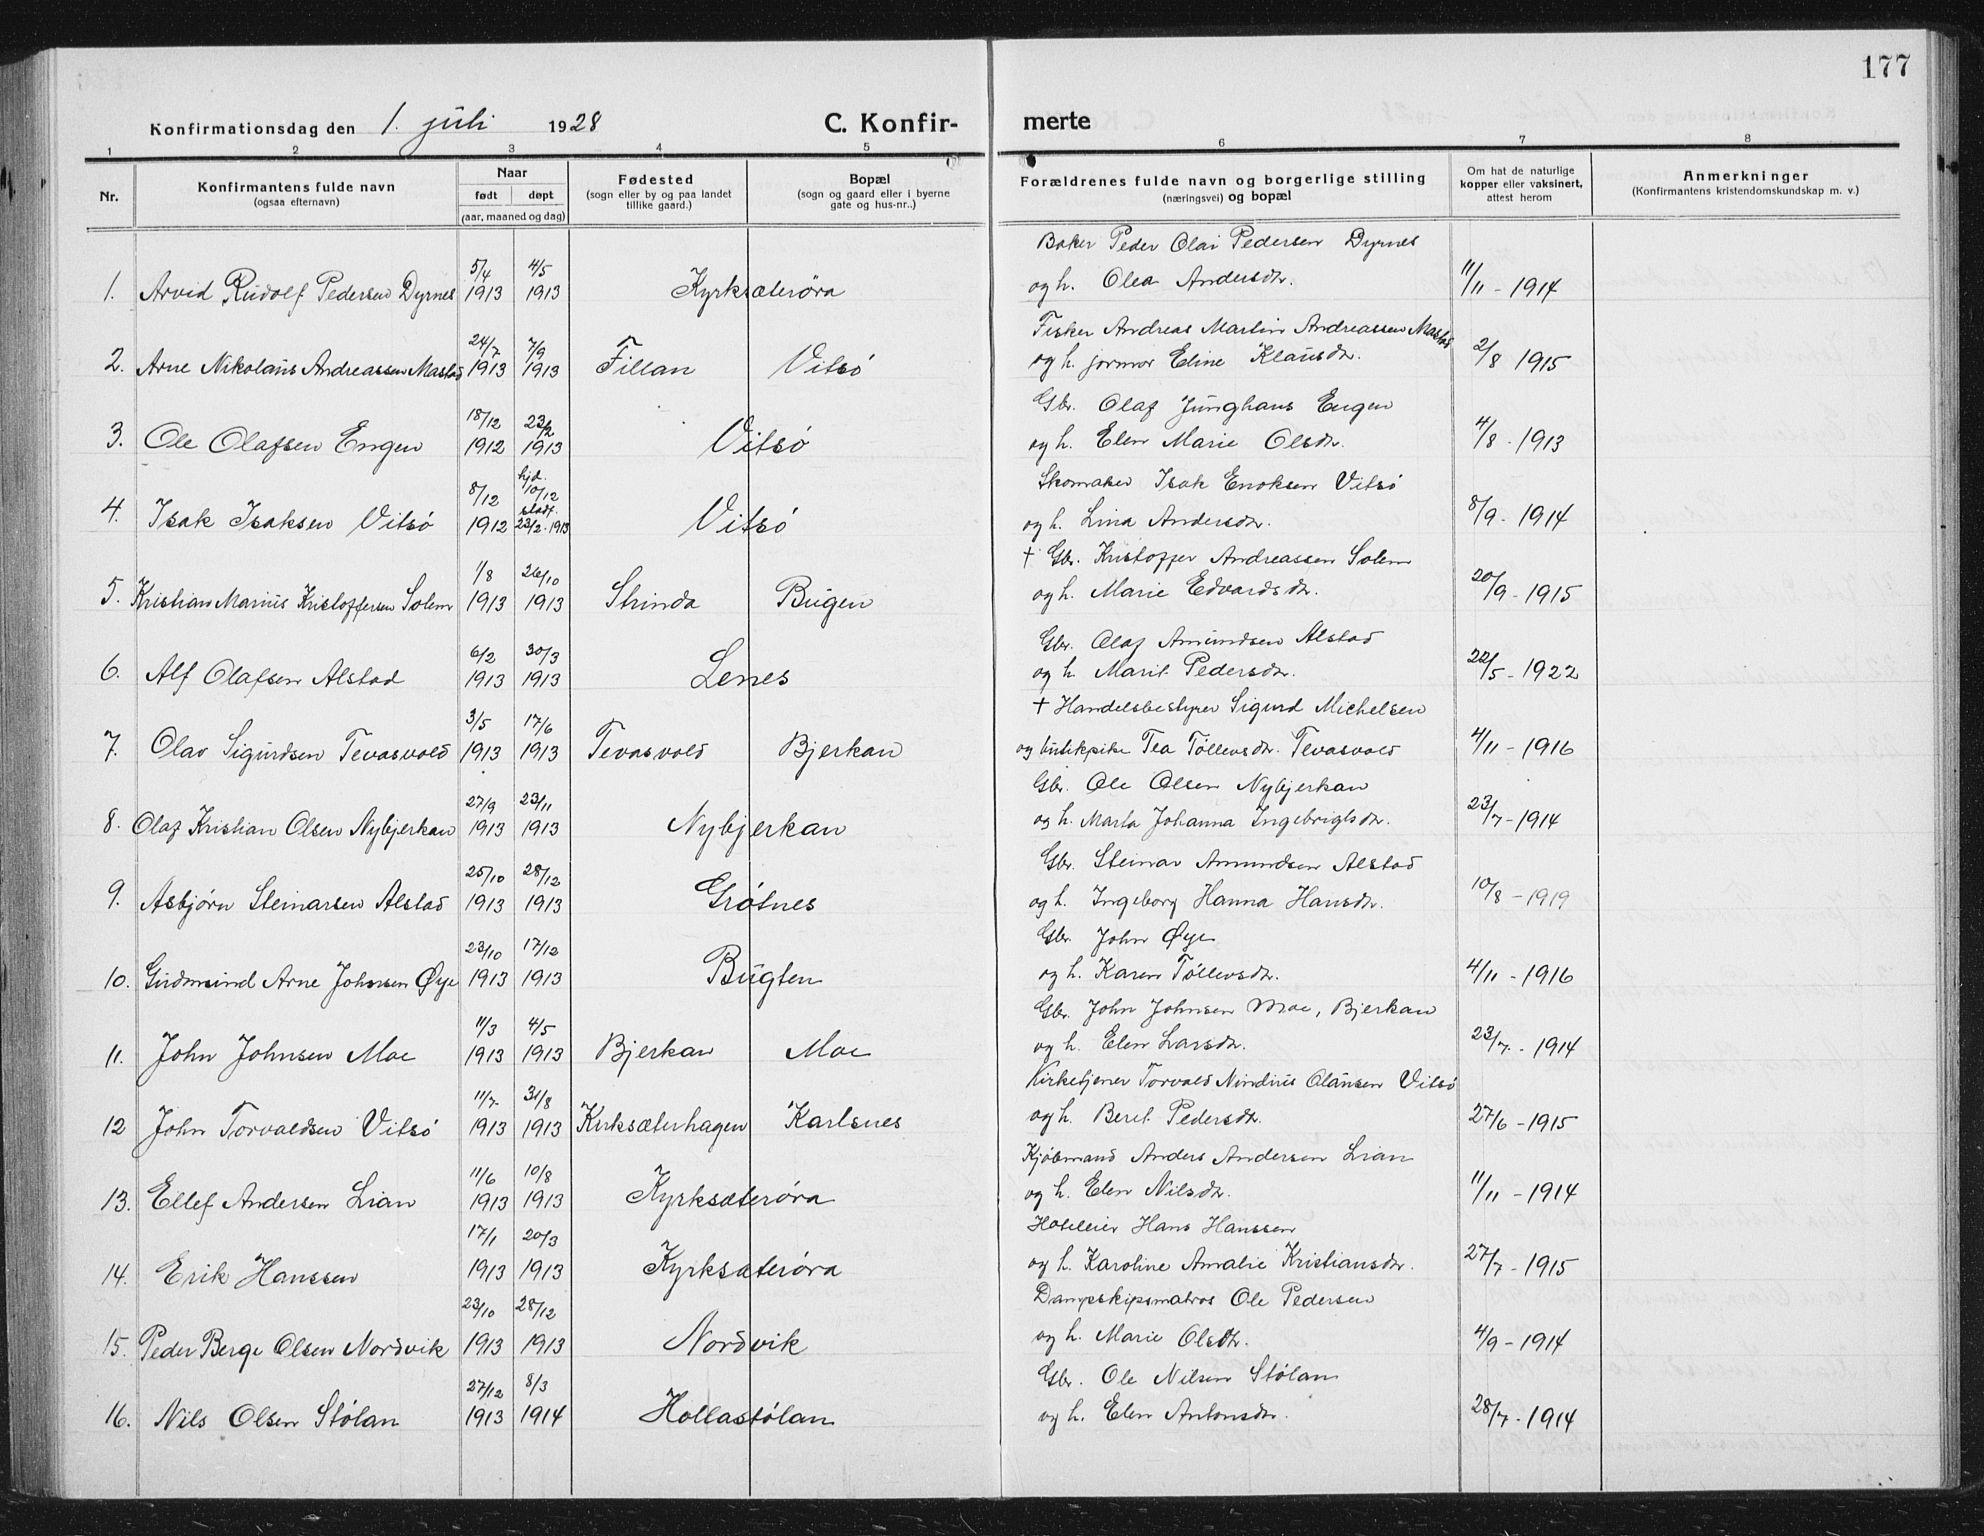 SAT, Ministerialprotokoller, klokkerbøker og fødselsregistre - Sør-Trøndelag, 630/L0506: Klokkerbok nr. 630C04, 1914-1933, s. 177